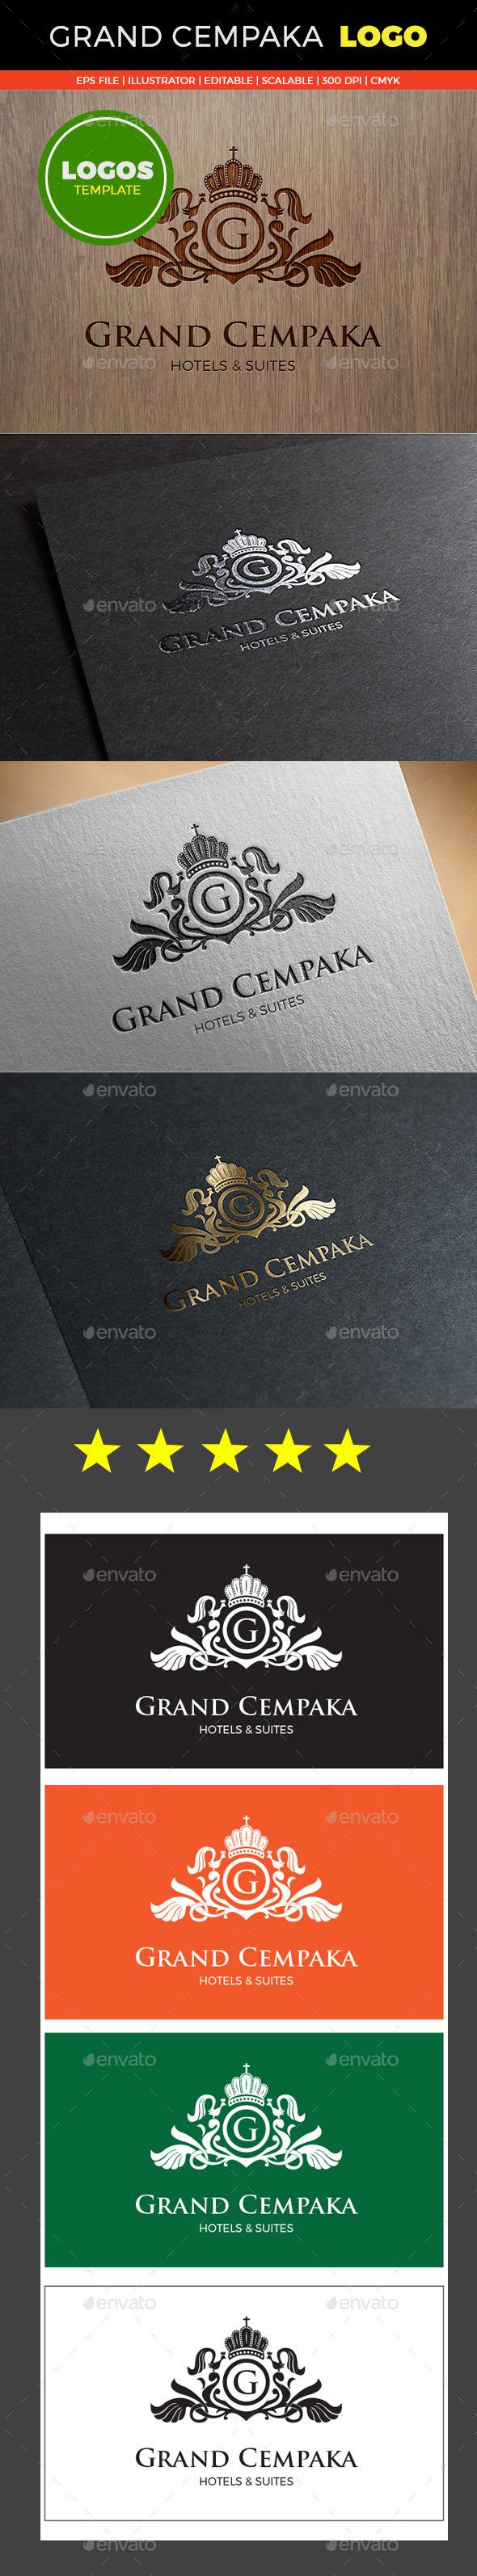 GraphicRiver Grand Cempaka Logo Templates 10448584